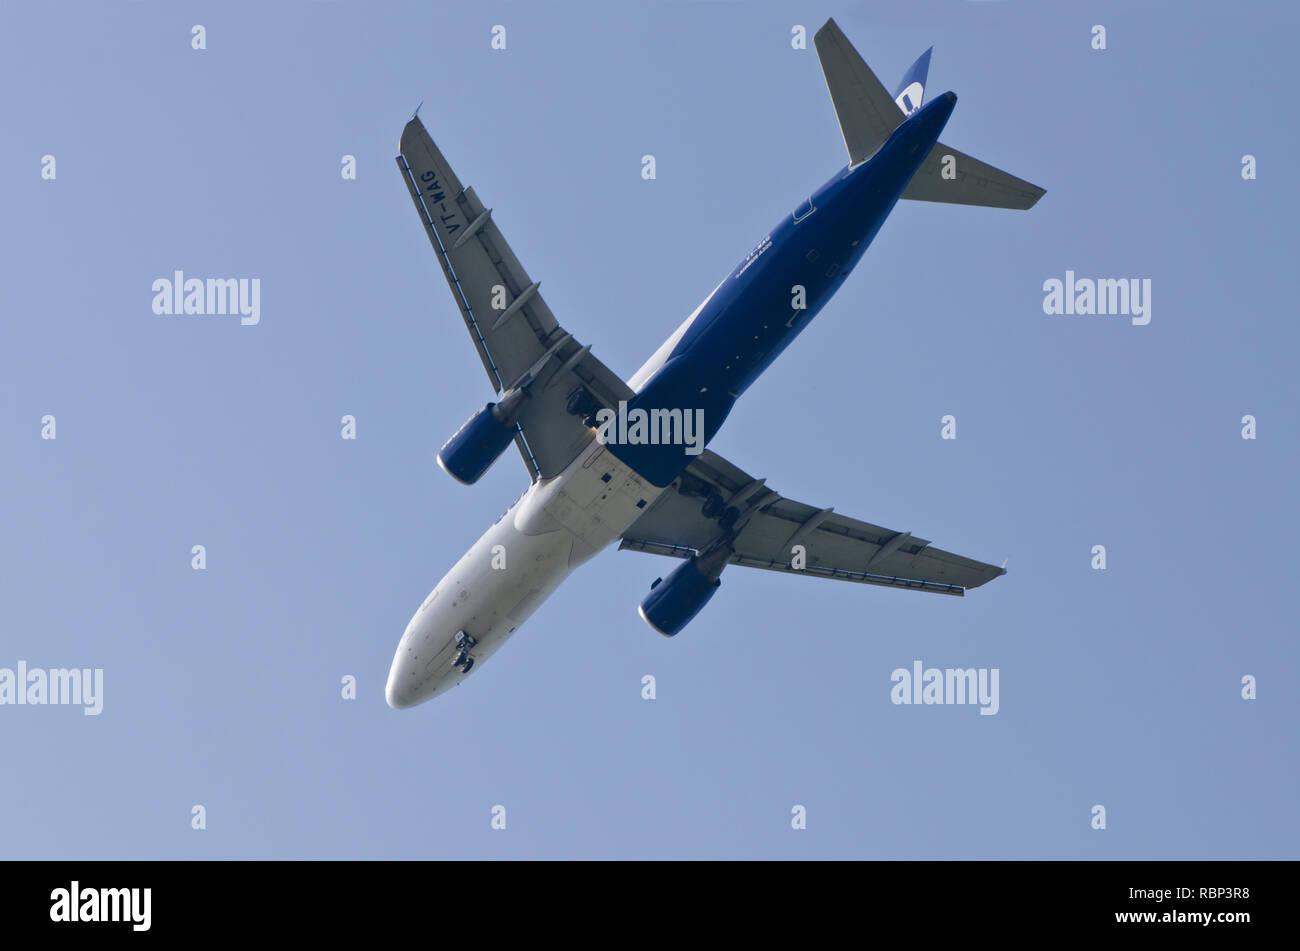 Airbus A320 aeroplane landing, Mumbai, Maharashtra, India, Asia - Stock Image